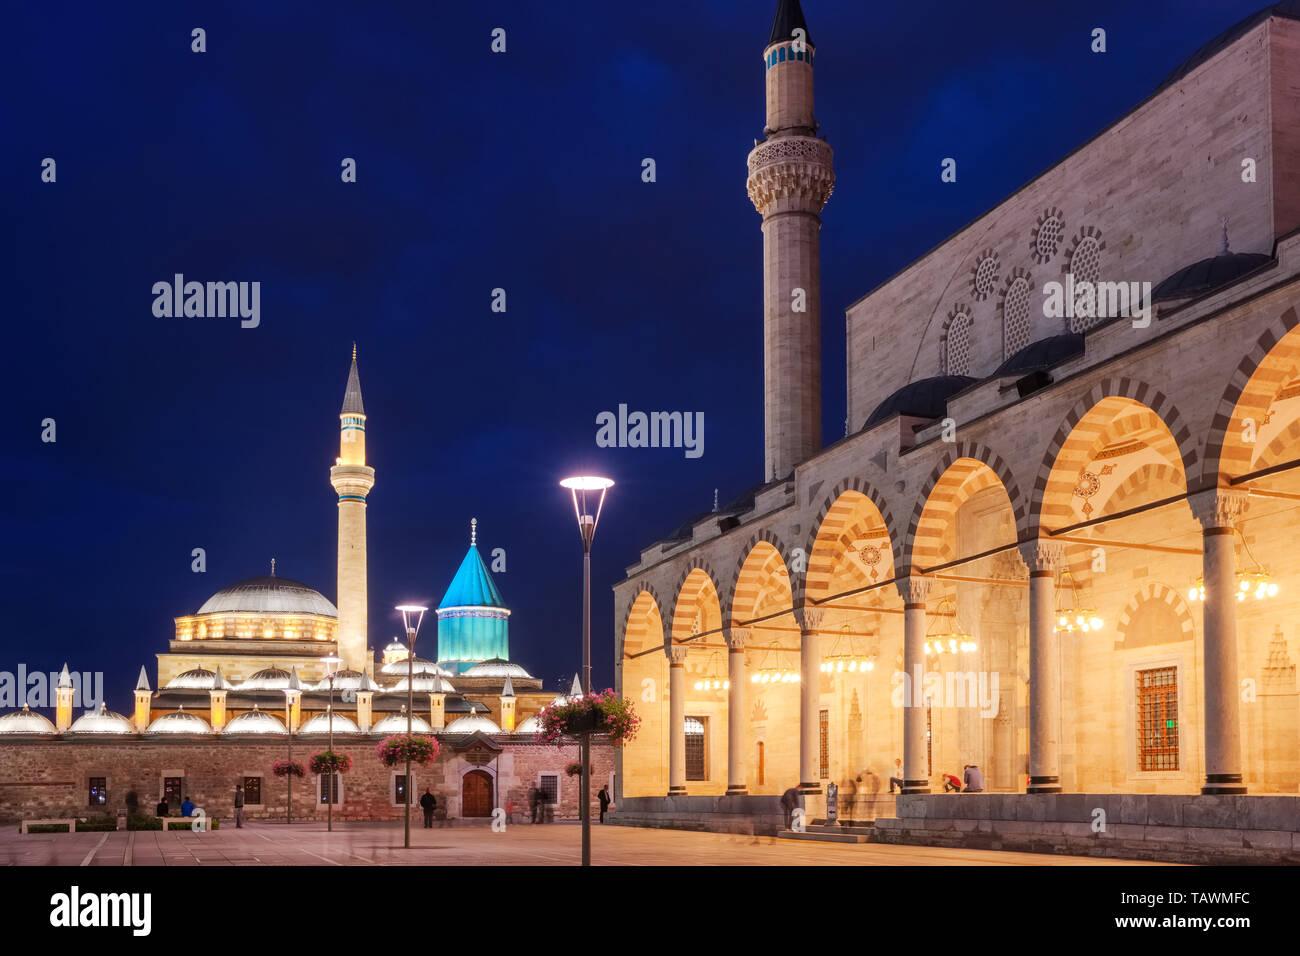 La place centrale de la vieille ville de Konya, Turquie la nuit Banque D'Images